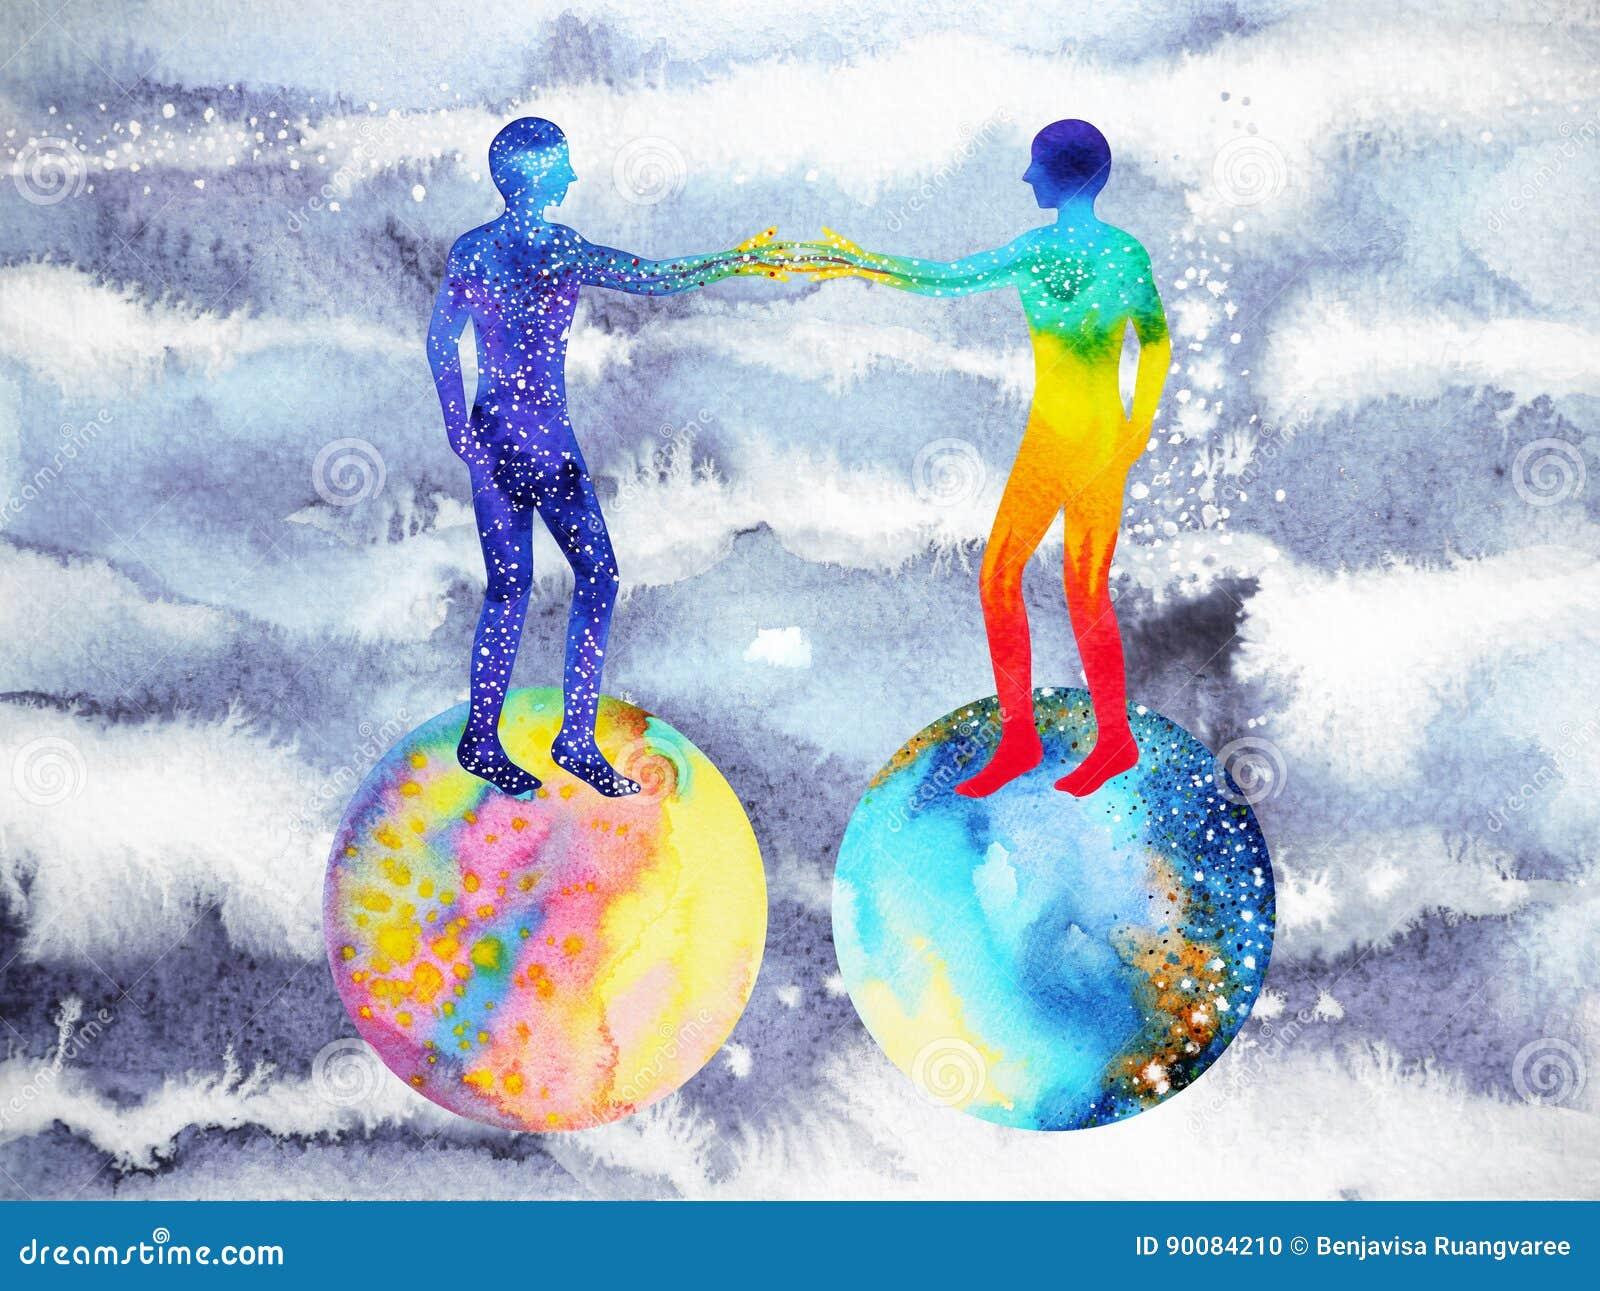 Άνθρωπος και δύναμη κόσμου, ζωγραφική watercolor, reiki chakra, παγκόσμιος κόσμος εγκεφάλου μέσα στο μυαλό σας